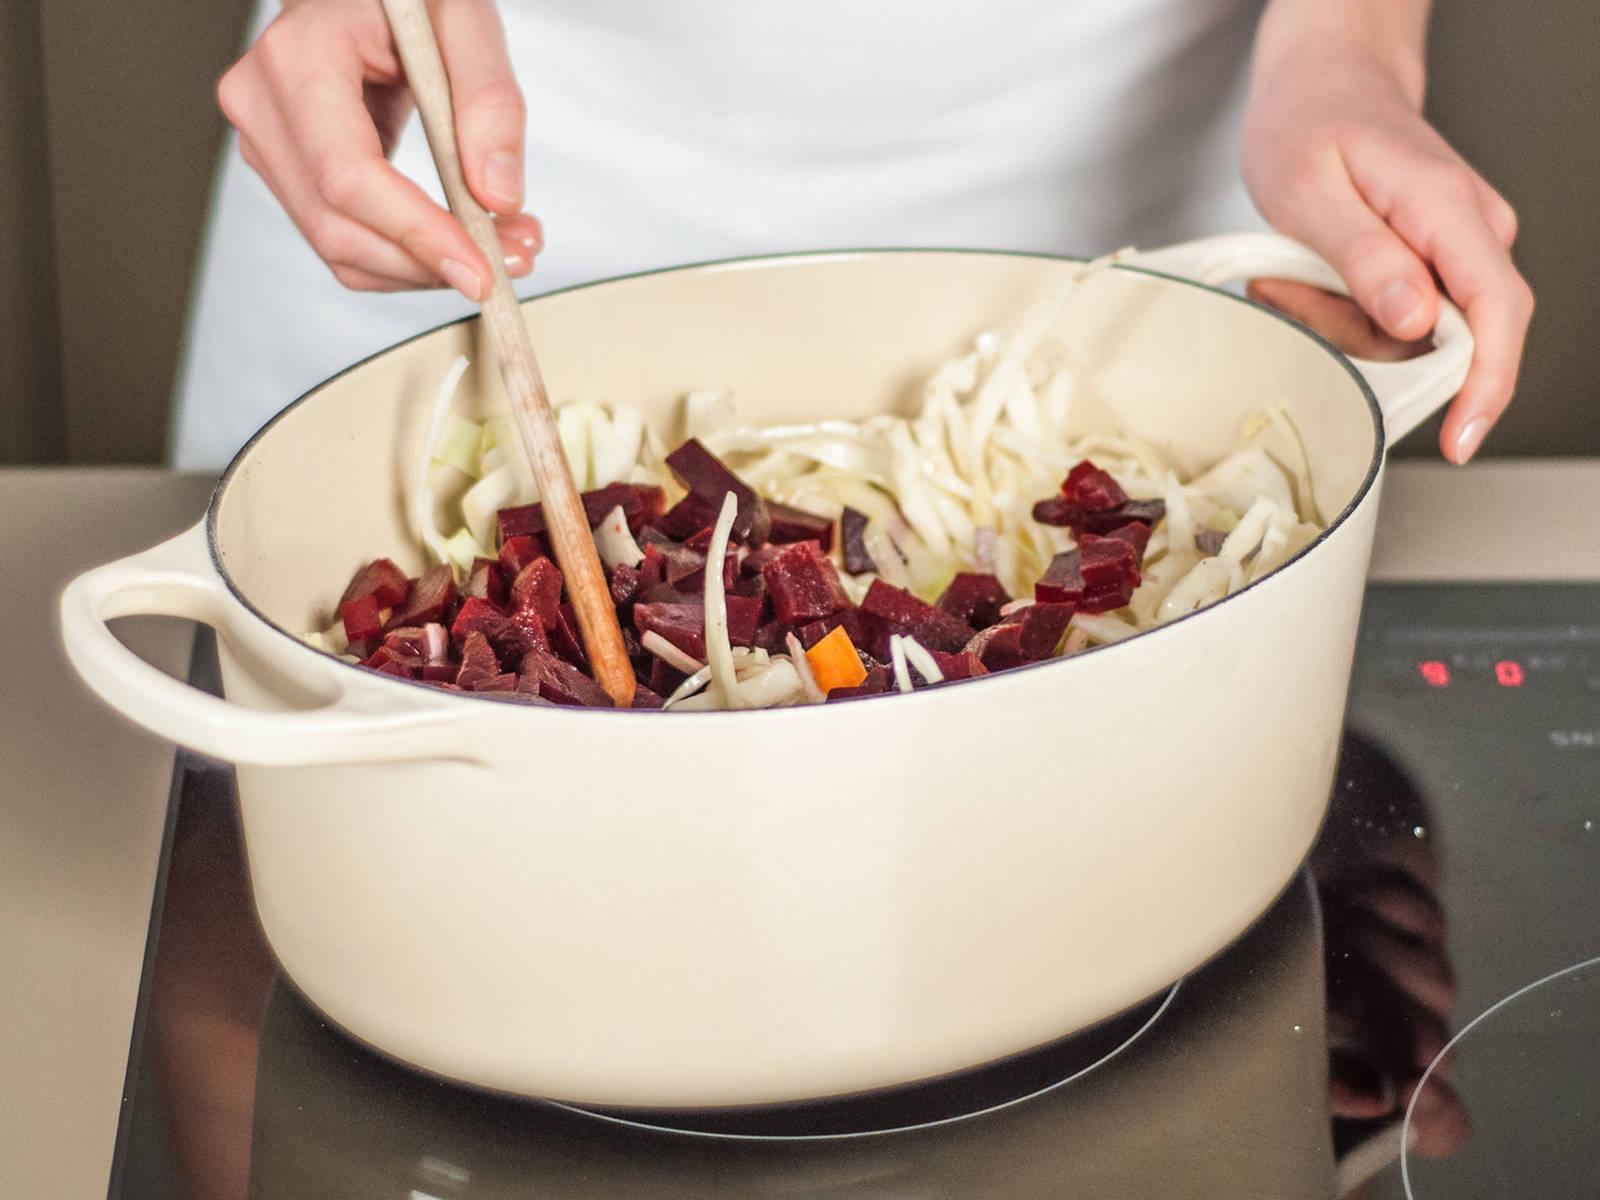 Karotten, Rote Bete, Weißkohl, Zwiebel, Chili und Knollensellerie bei mittlerer Hitze mit etwas Pflanzenöl in einem großen Topf für ca. 5 - 7 Min. anbraten bis sie etwas weich geworden sind.